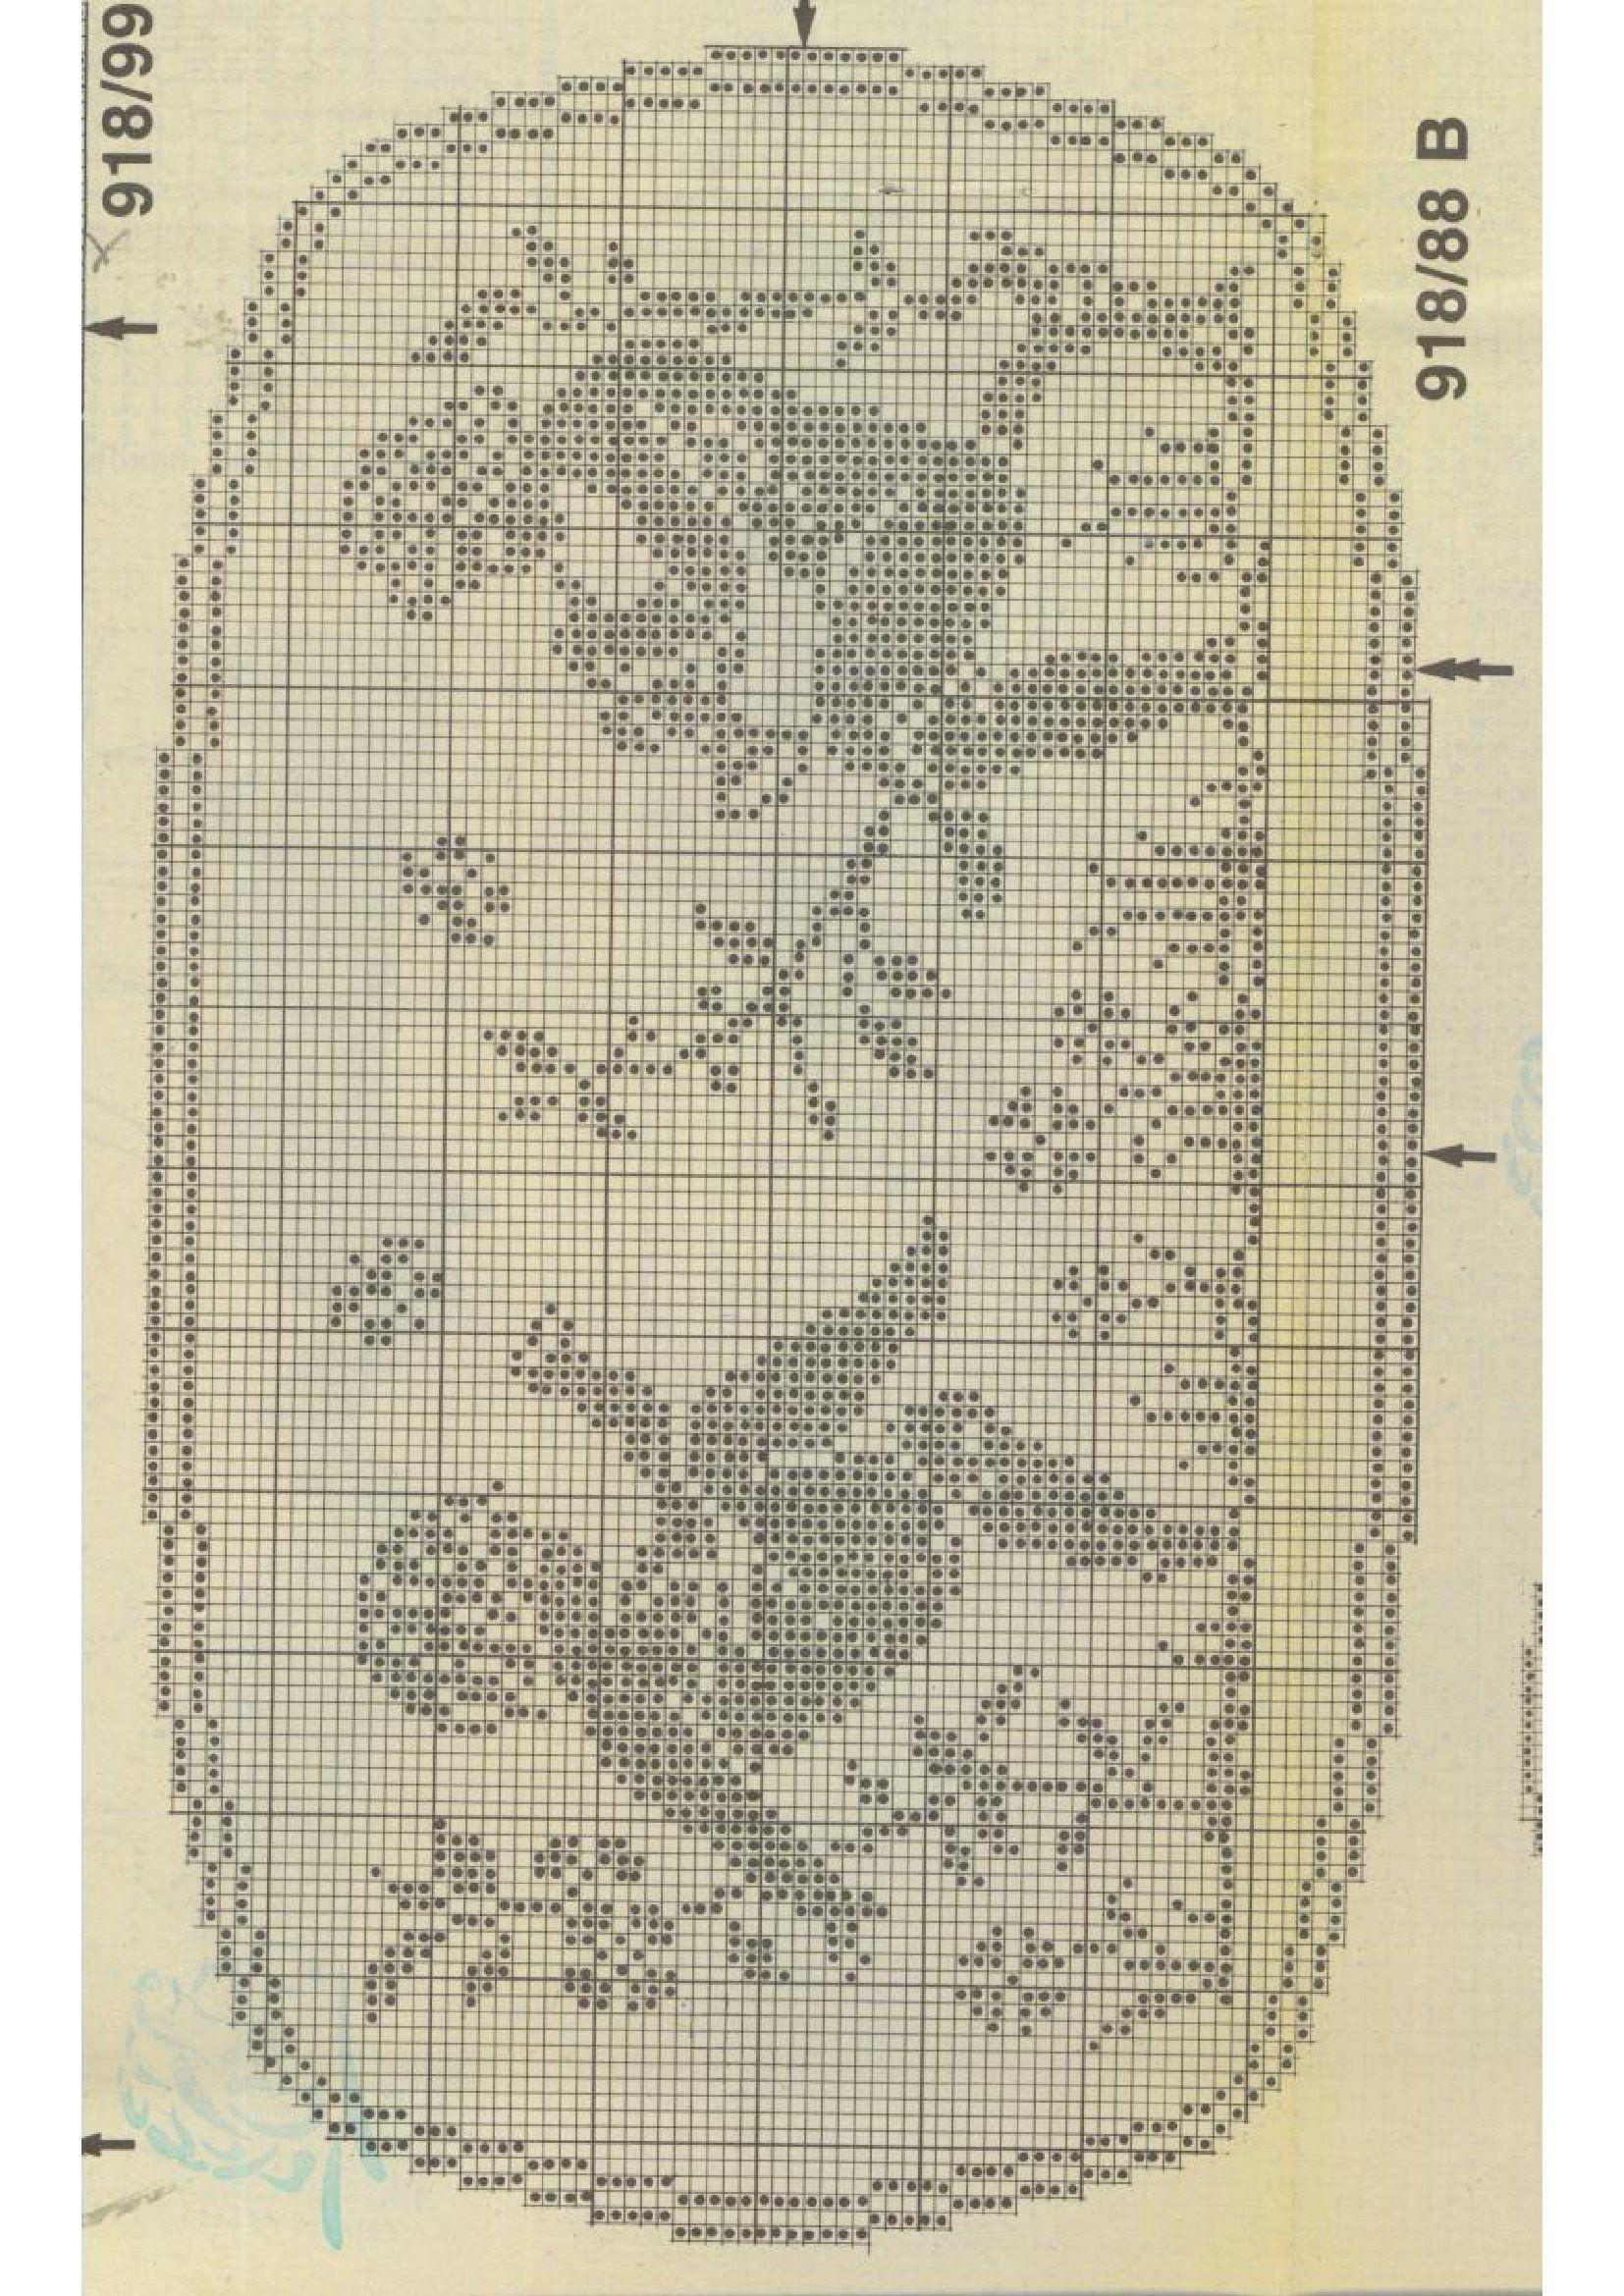 Abg8sqaf | crochet musica | Pinterest | Filete y Proyectos